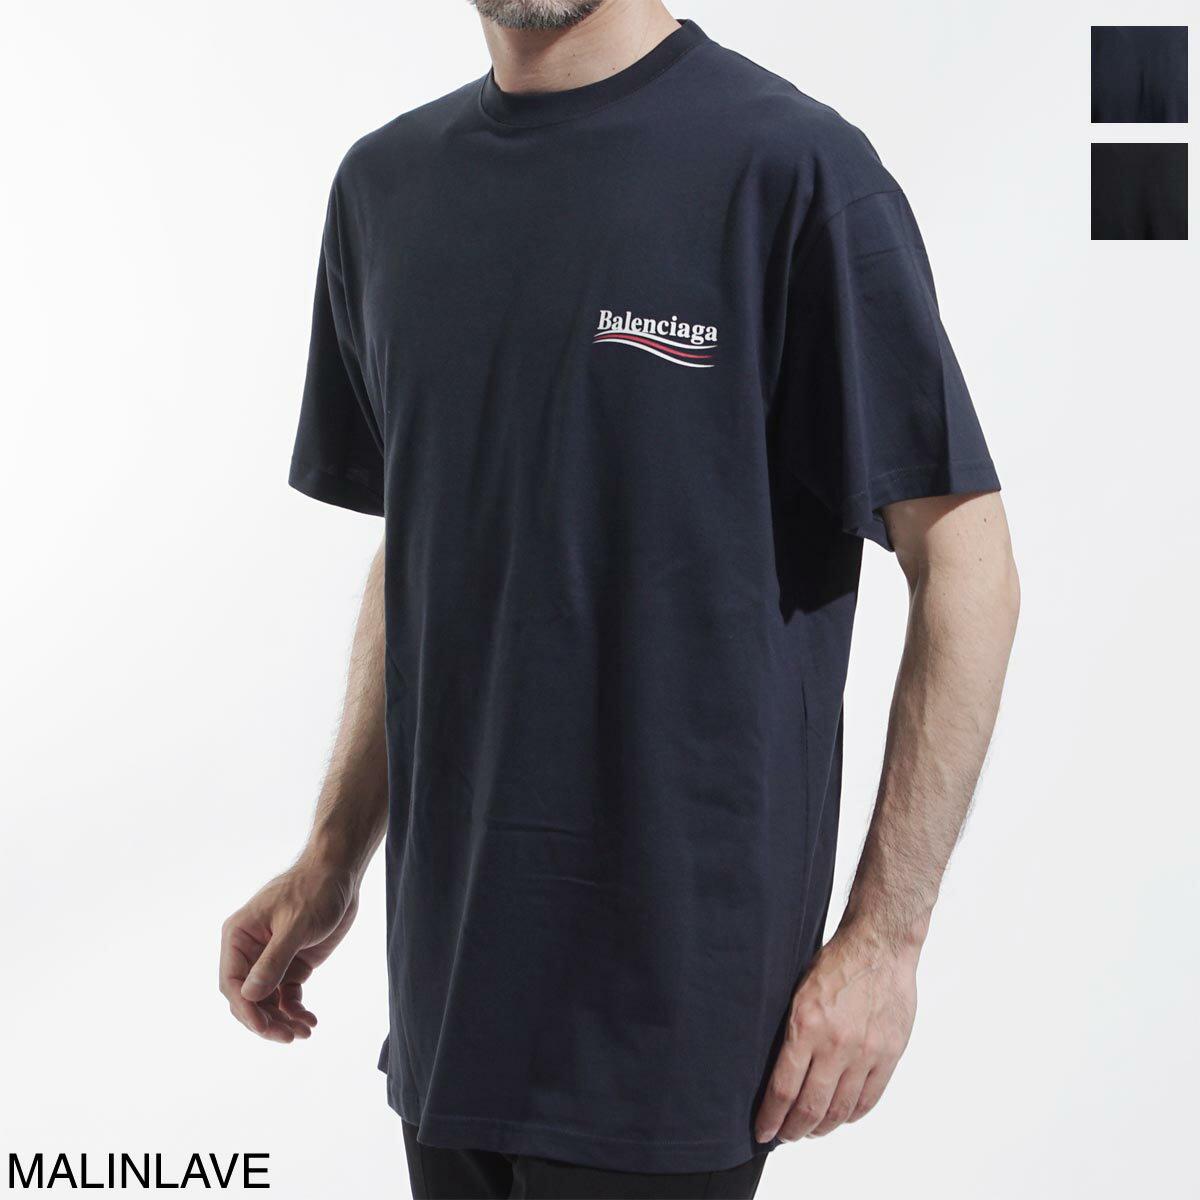 トップス, Tシャツ・カットソー  BALENCIAGA T 570803 tav44 4128 LOGO PRINTED T-SHIRT OVERSIZE FIT